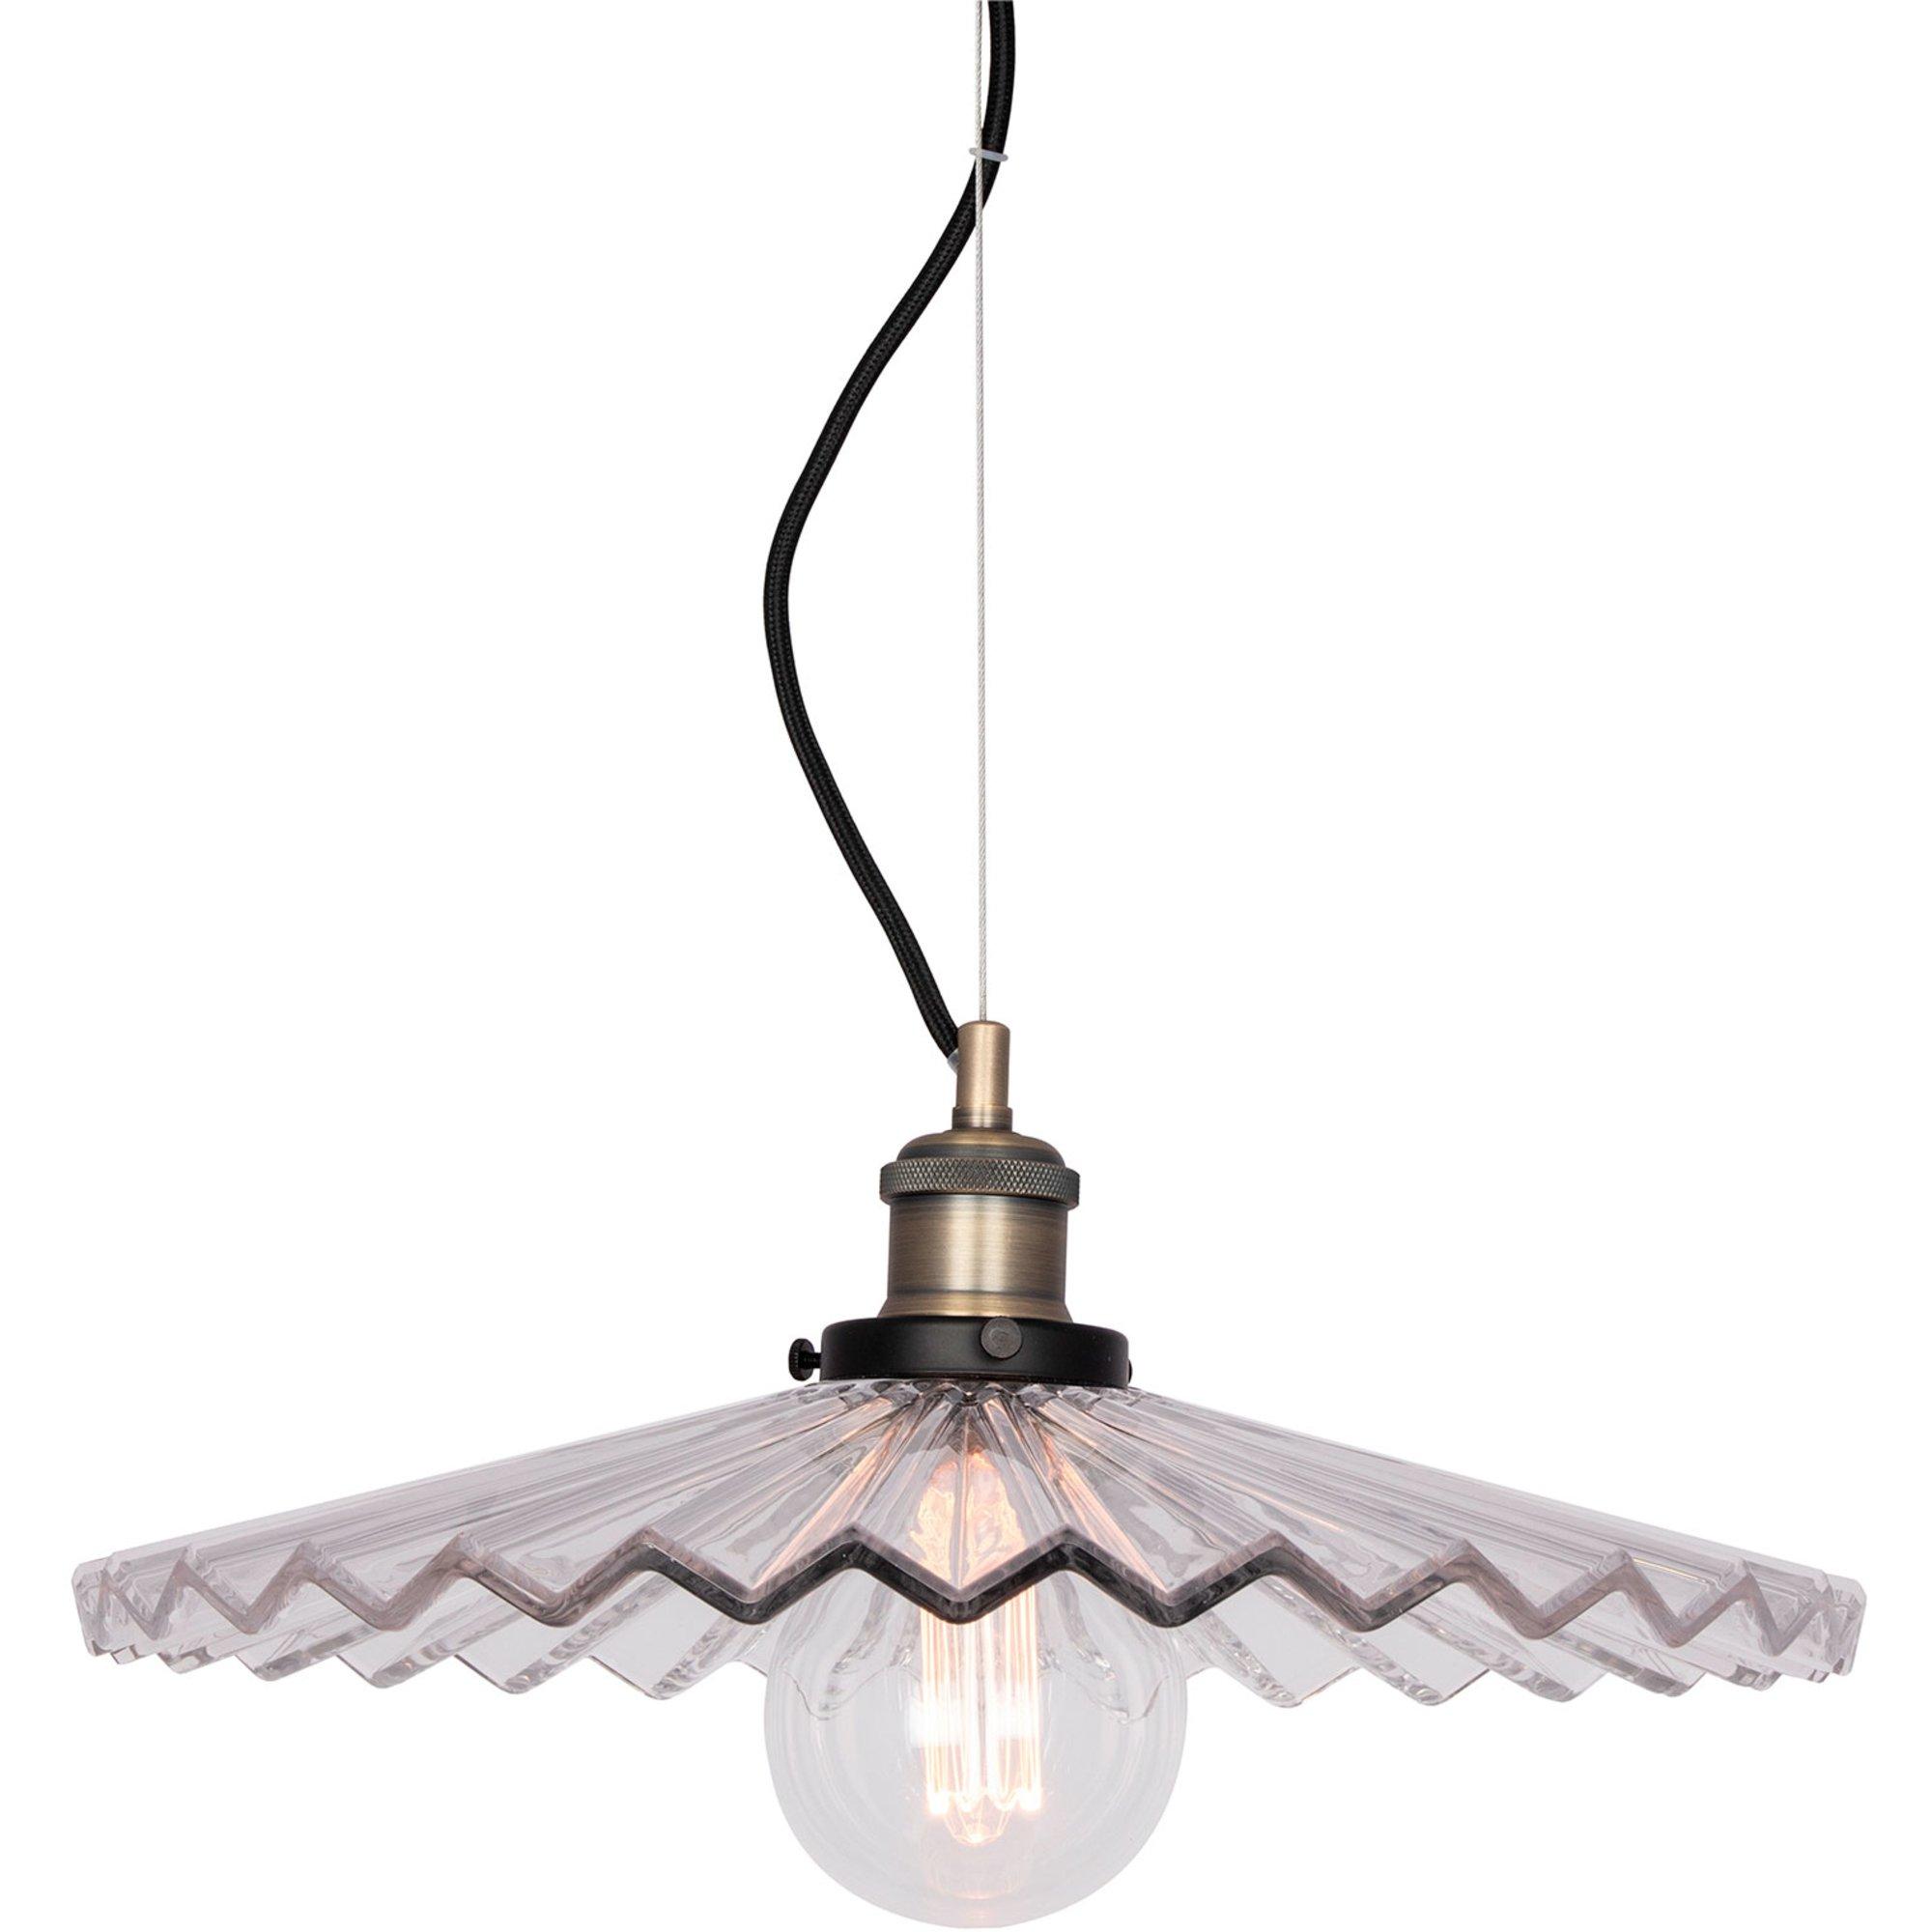 Globen Lighting Cobbler Pendel 40 cm klar